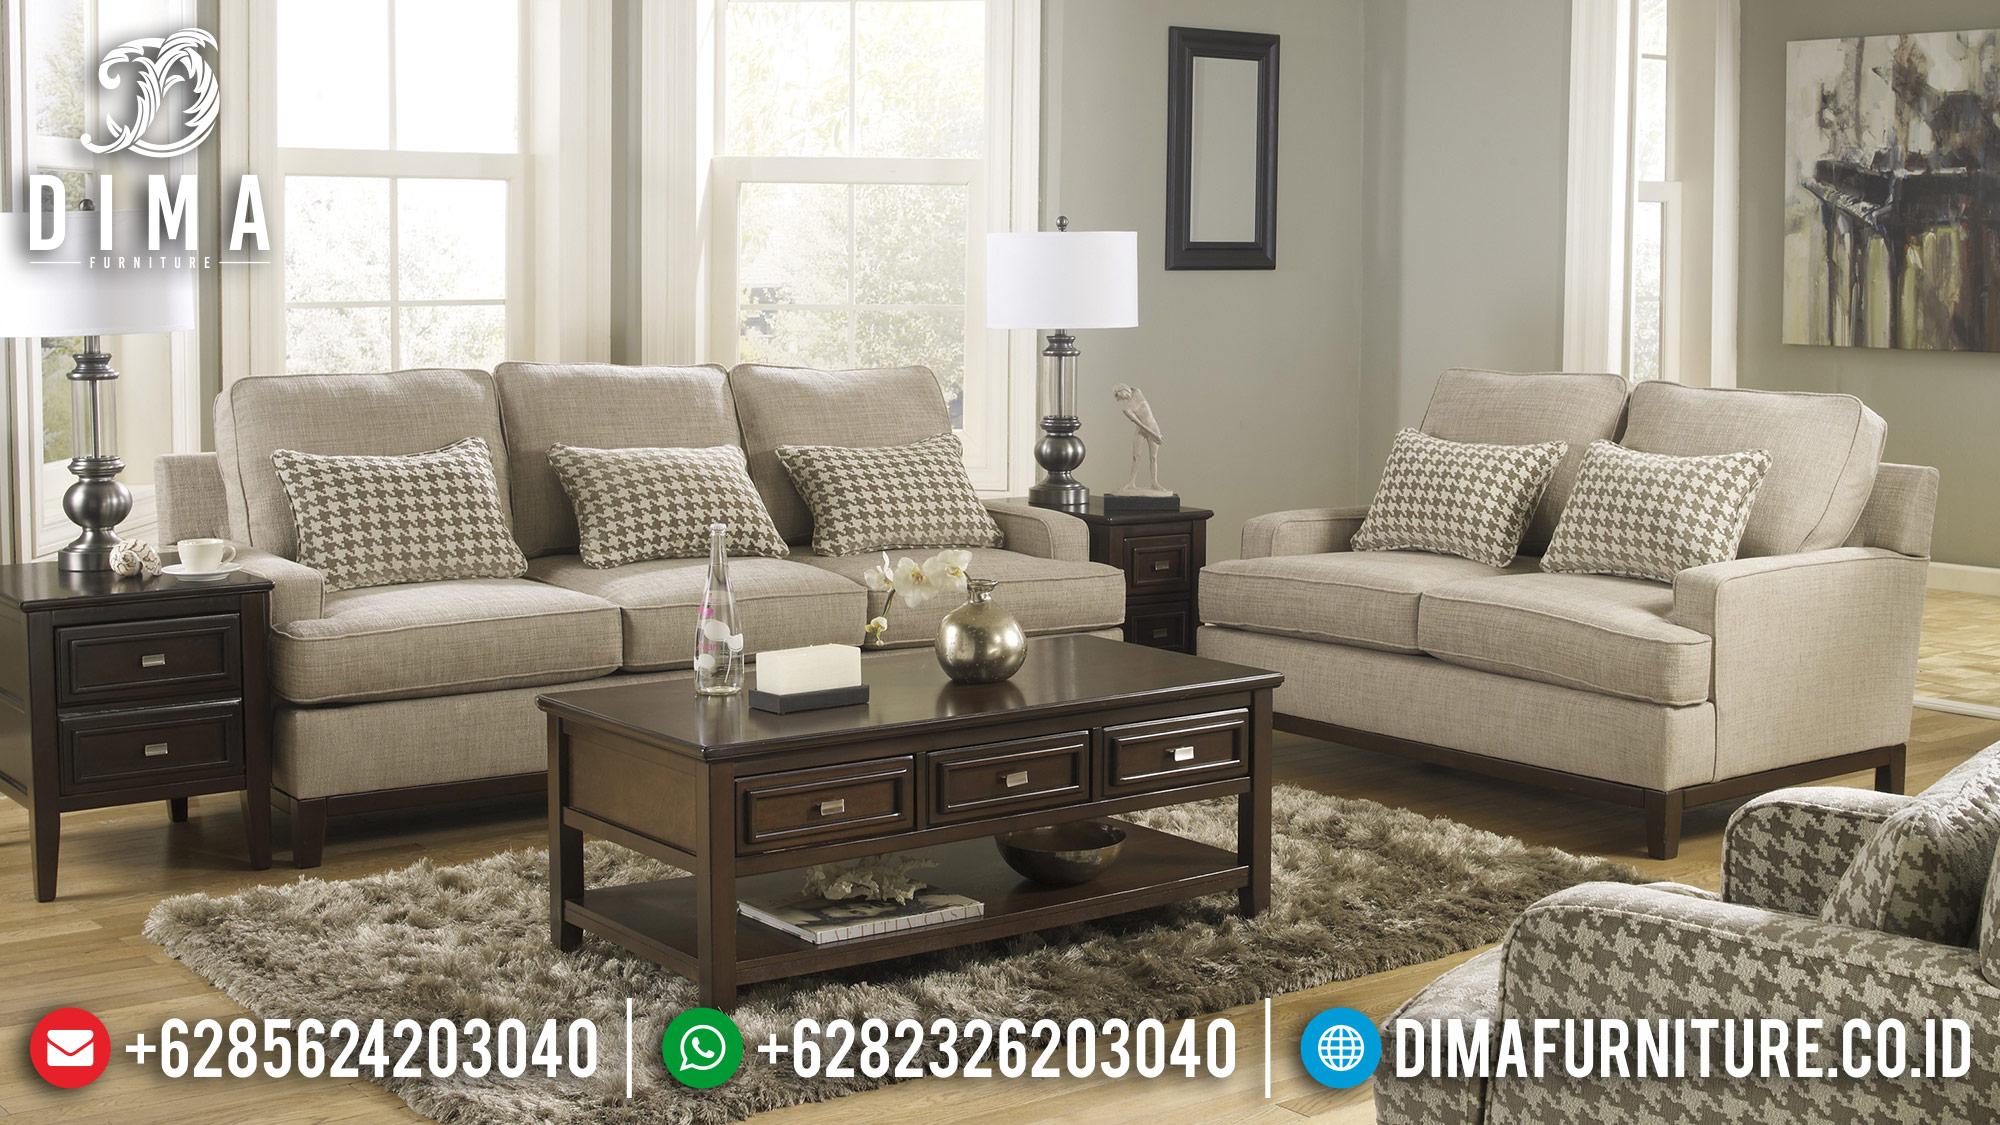 Kursi Sofa Tamu Minimalis Mewah Jepara Terbaru Fabric Gray DF-0479